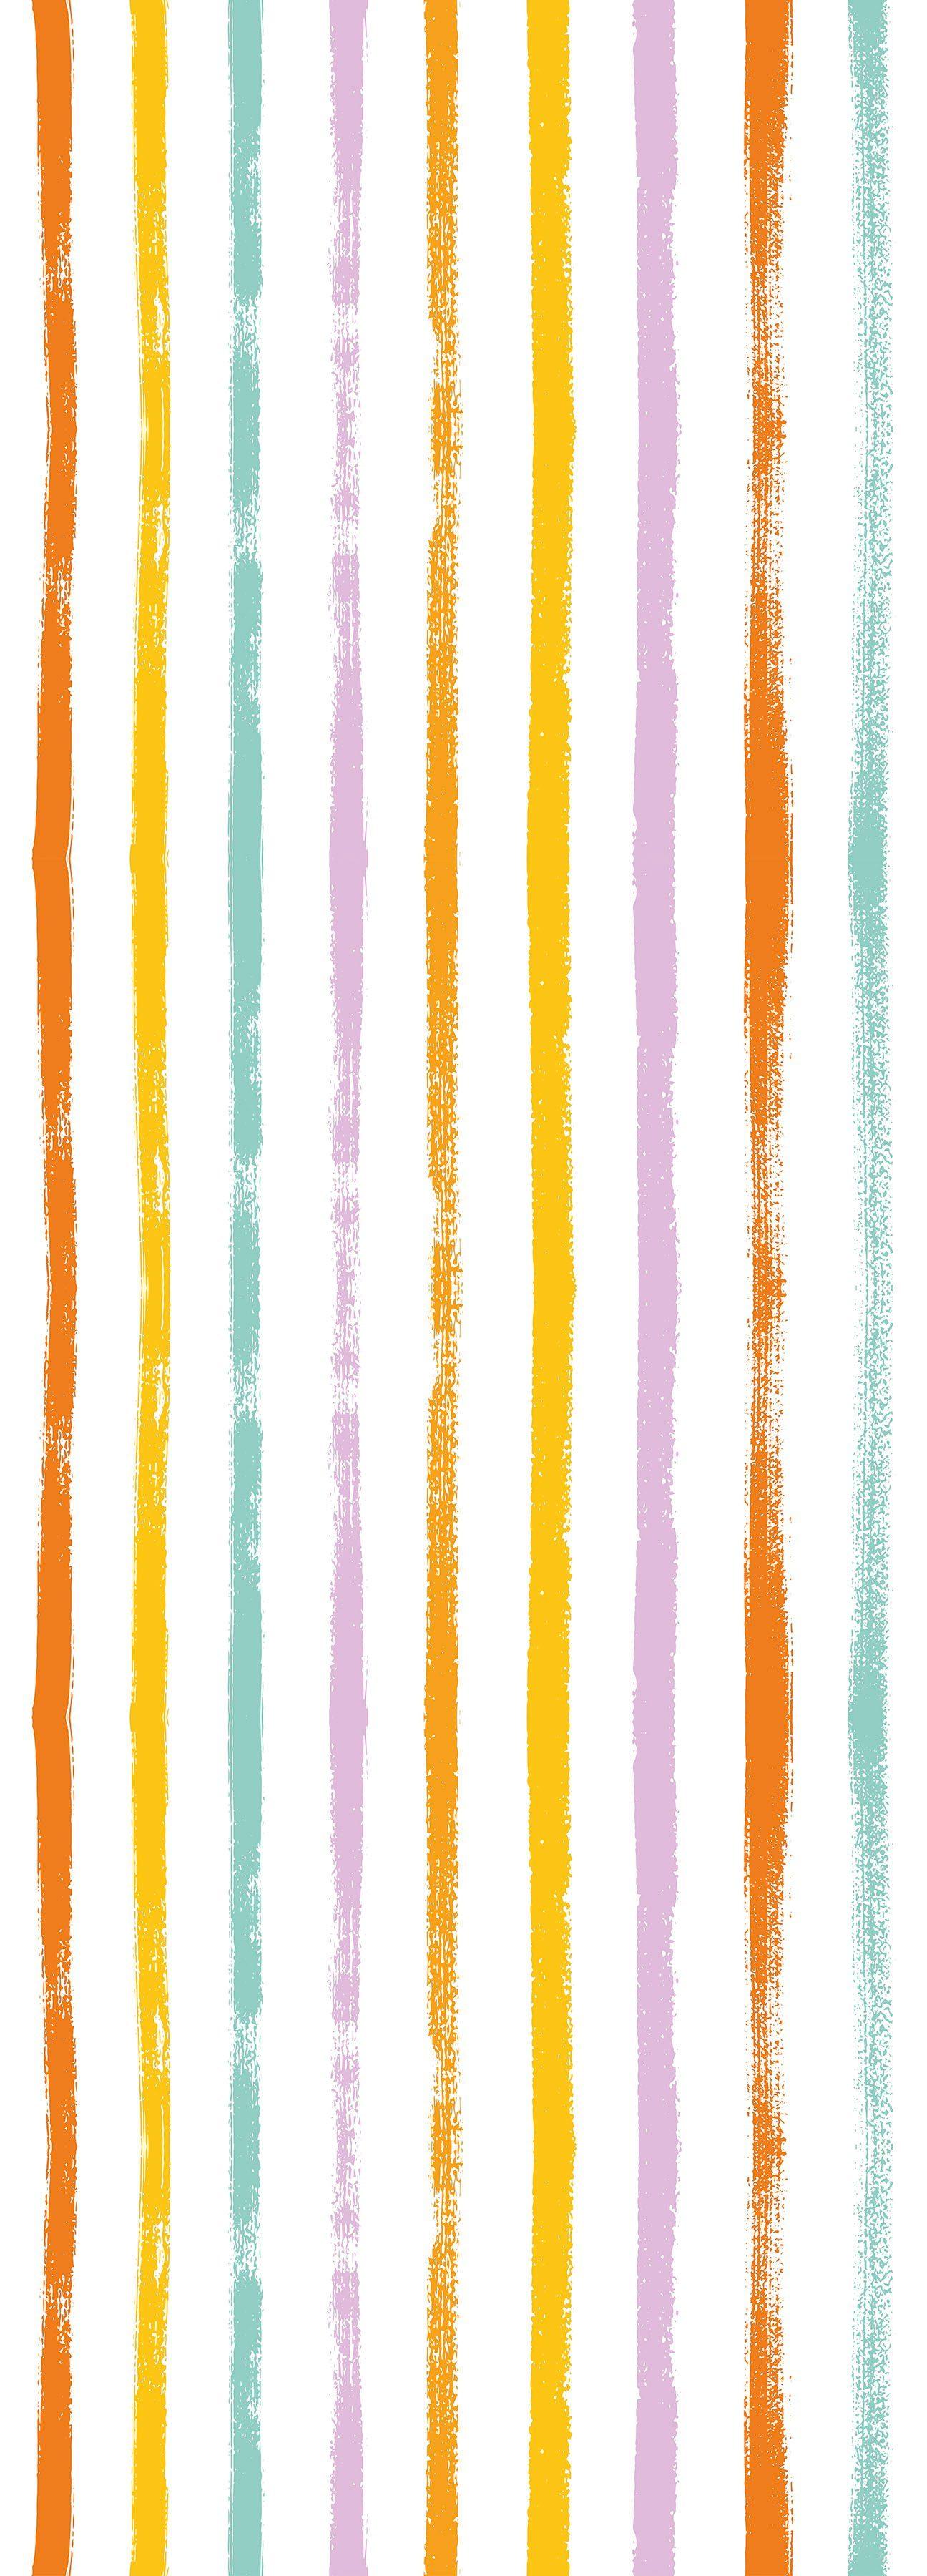 QUEENCE Vinyltapete »Streifen-Bunt«, 90 x 250 cm, selbstklebend